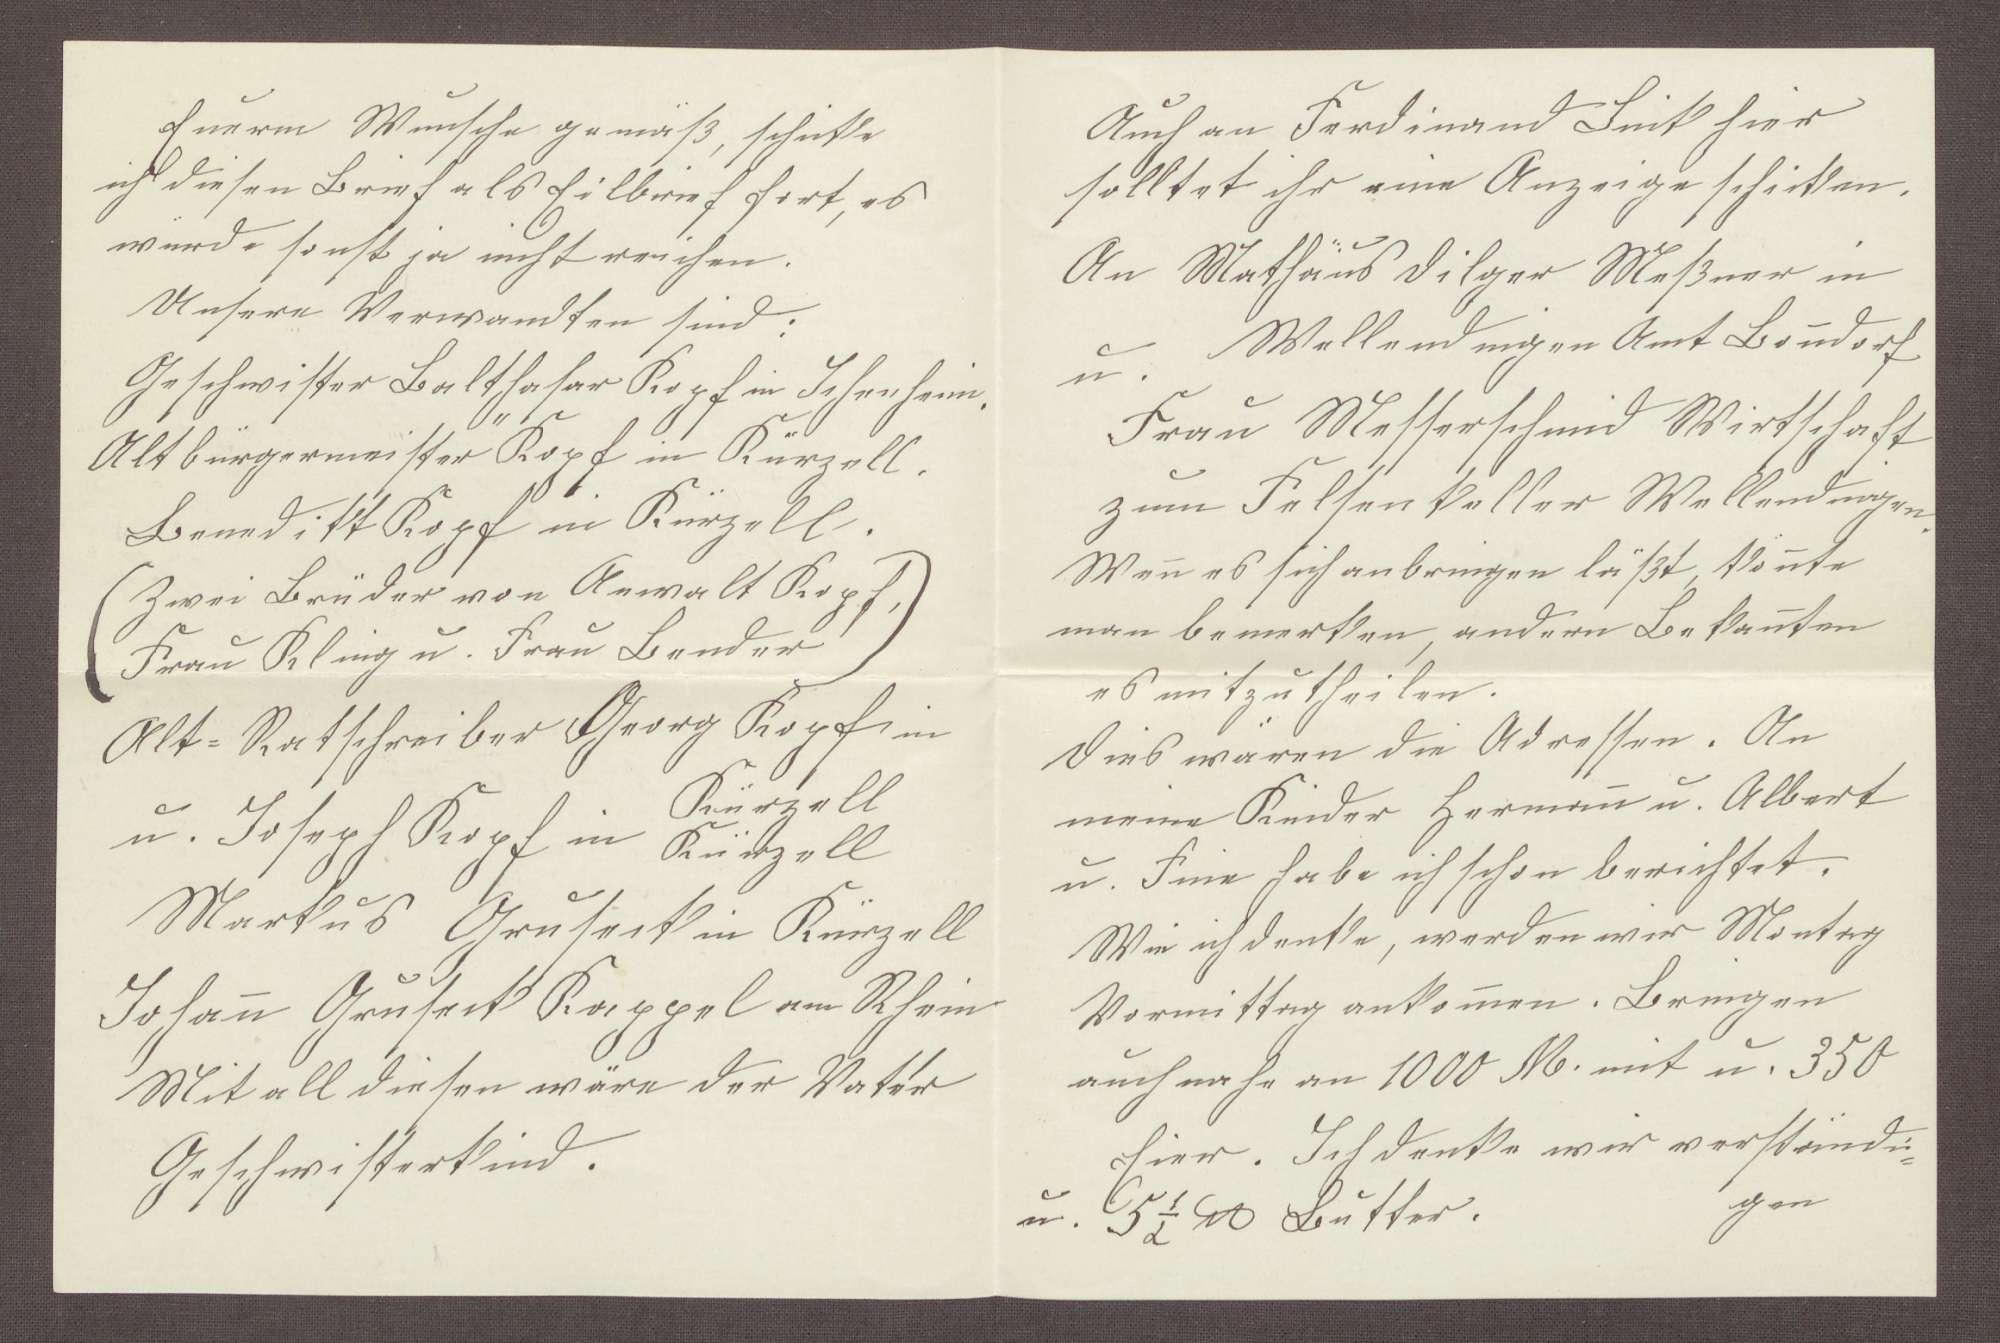 Schreiben von Mathilde, Dundenheim, an Elisabeth Rosset, Kondolenzbrief zum Tod von Constantin Fehrenbach, Bild 2